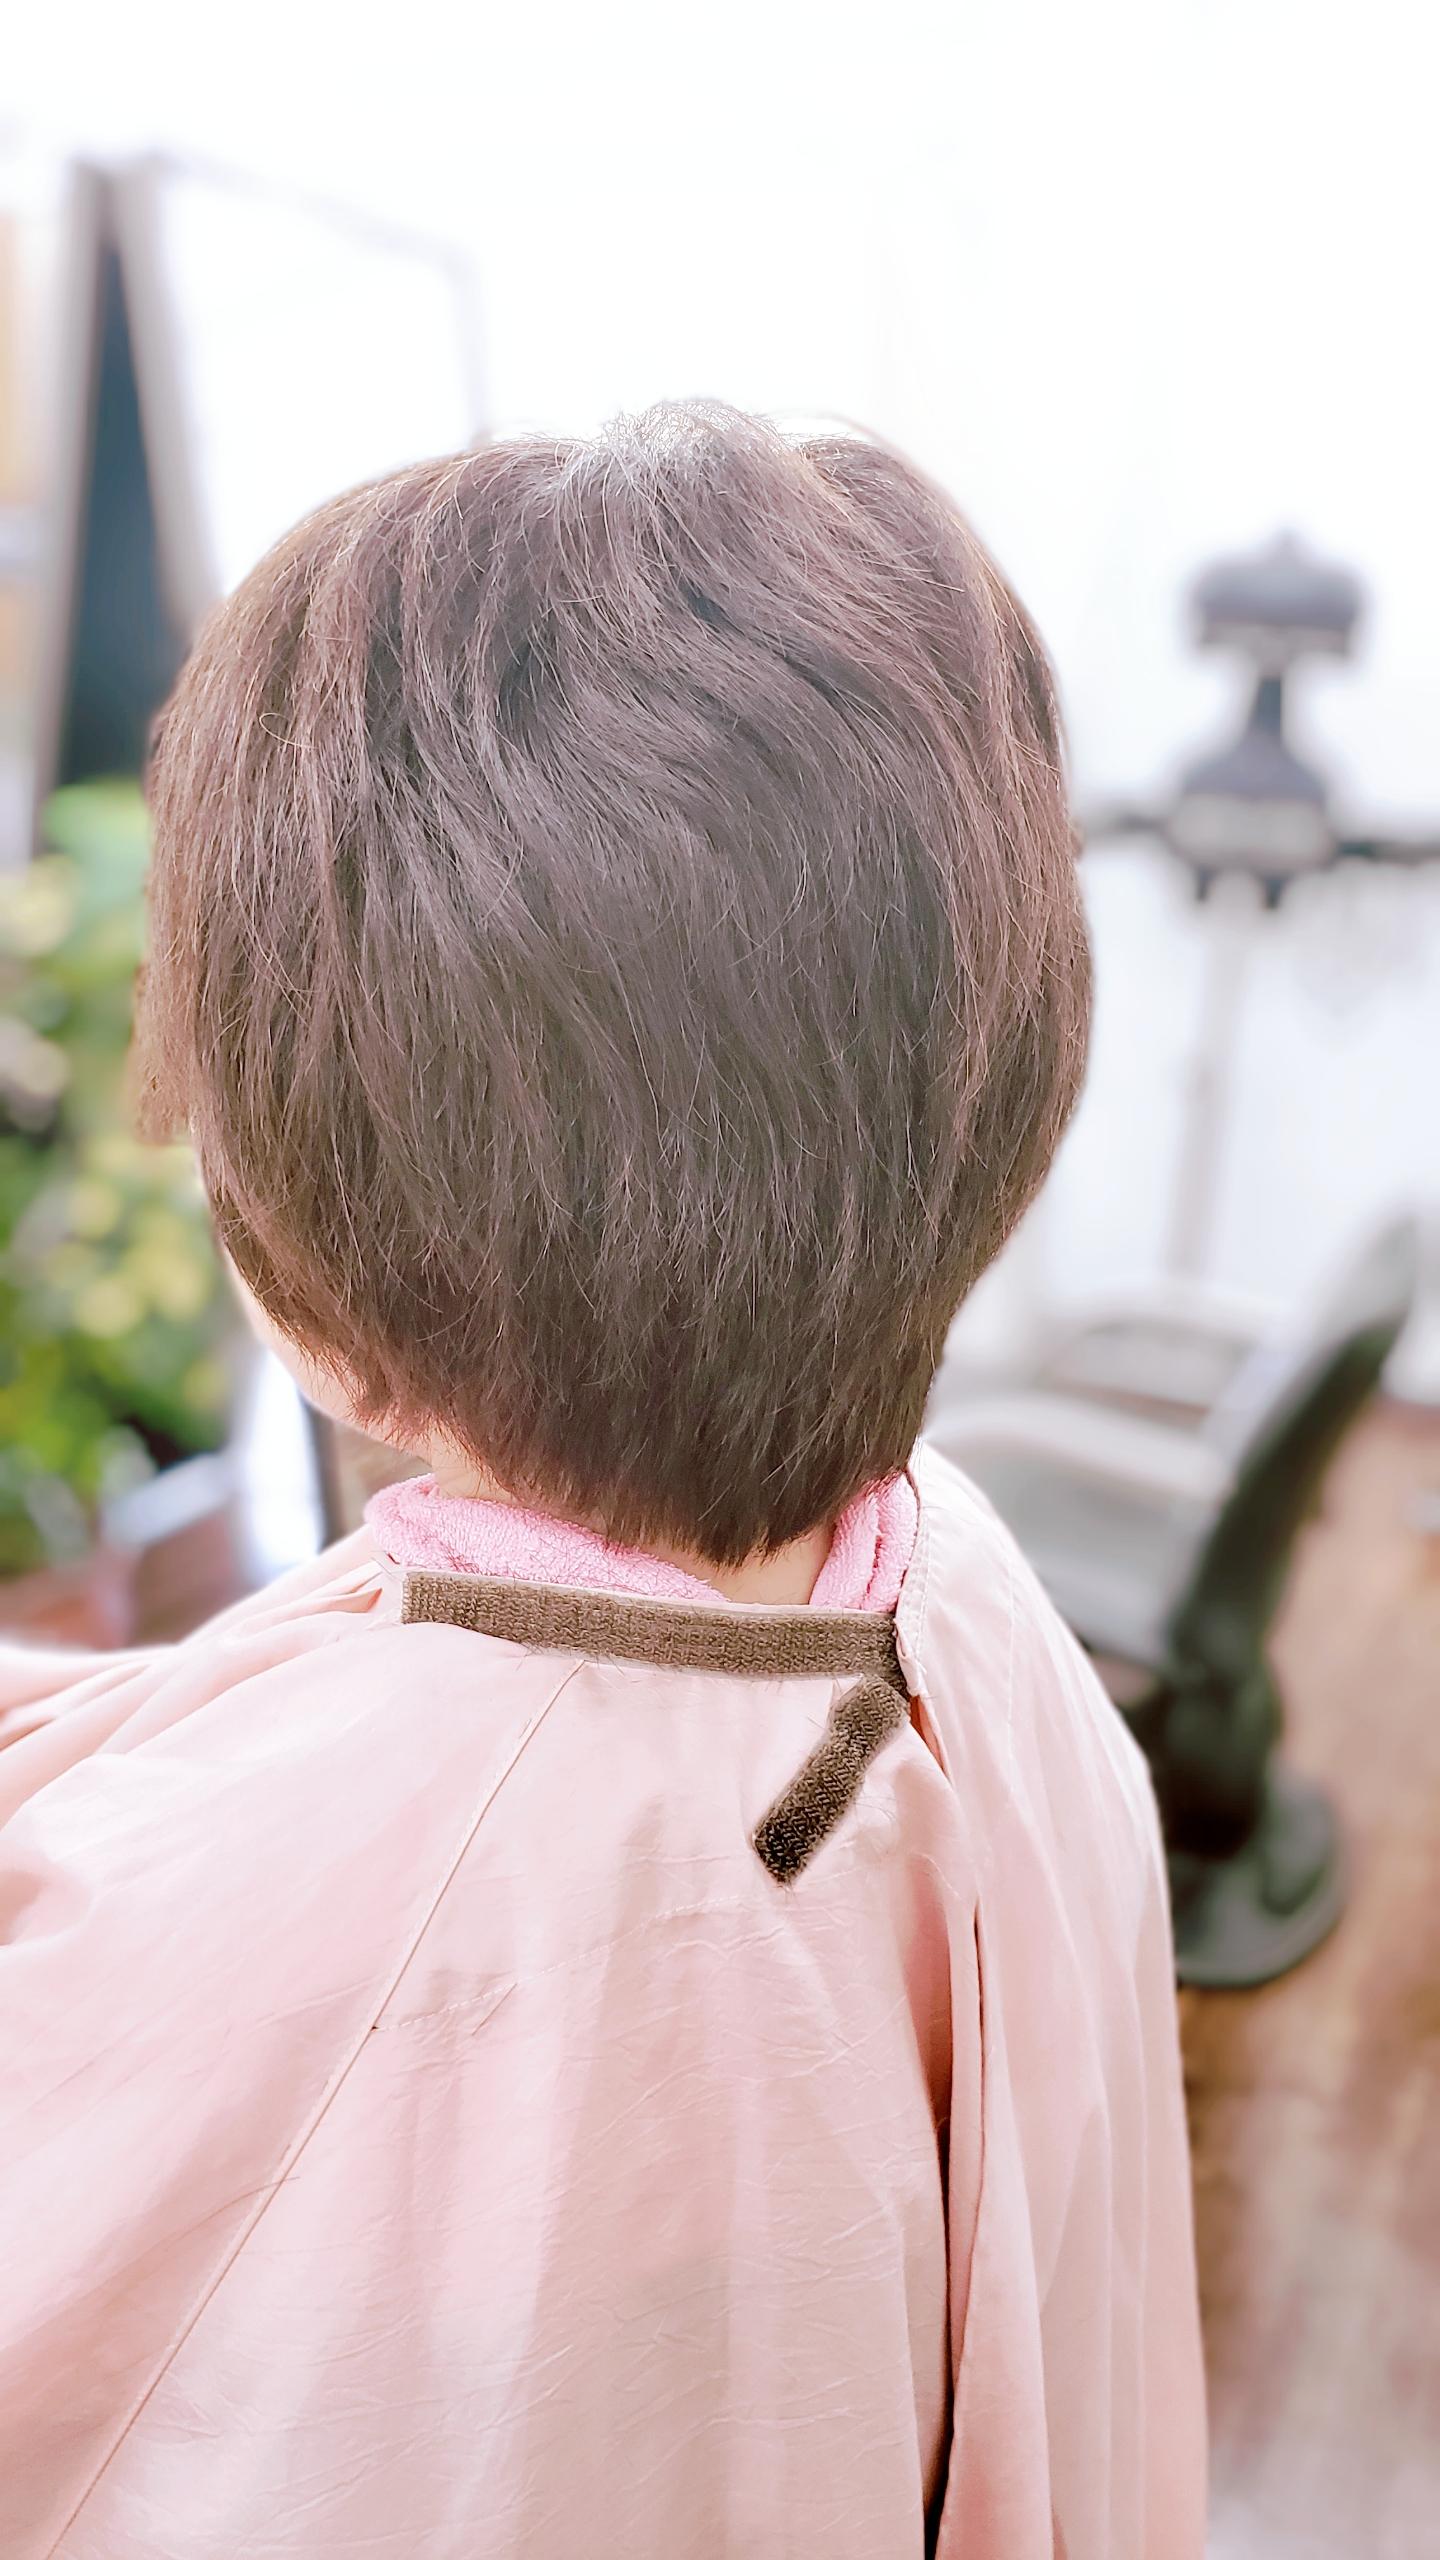 髪に悩みがある人はキュビズムカットの良さがよりわかります